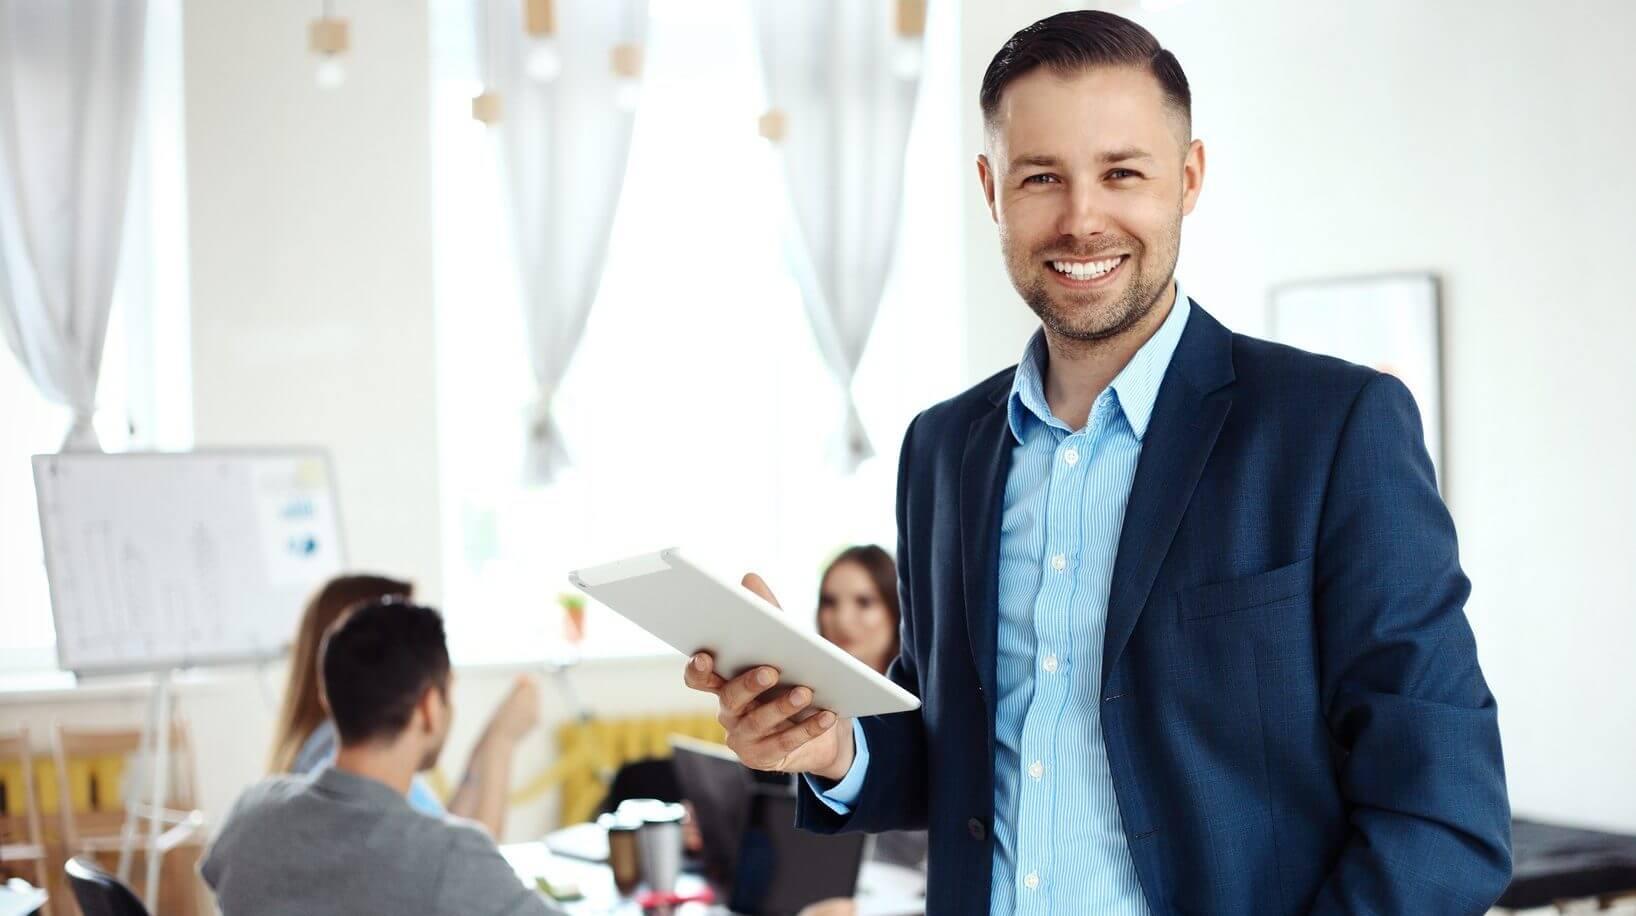 Carreira de Empreendedor - Veja agora se essa profissão é para você!